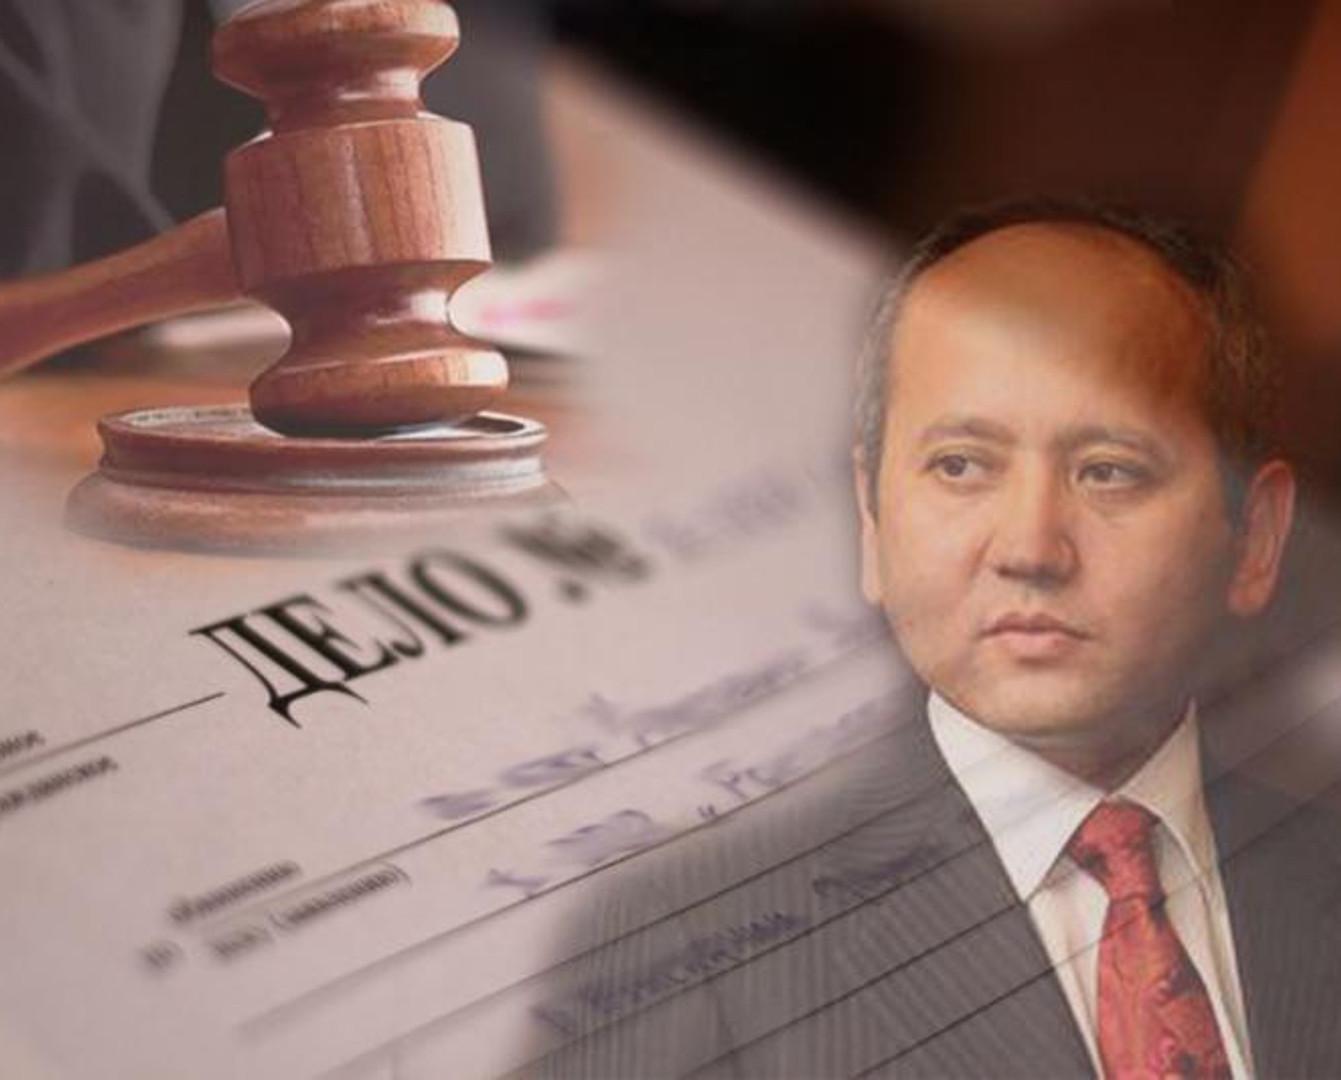 «Муха страшный человек, это он его заказал» - свидетели об Аблязове на процессе в Таразе